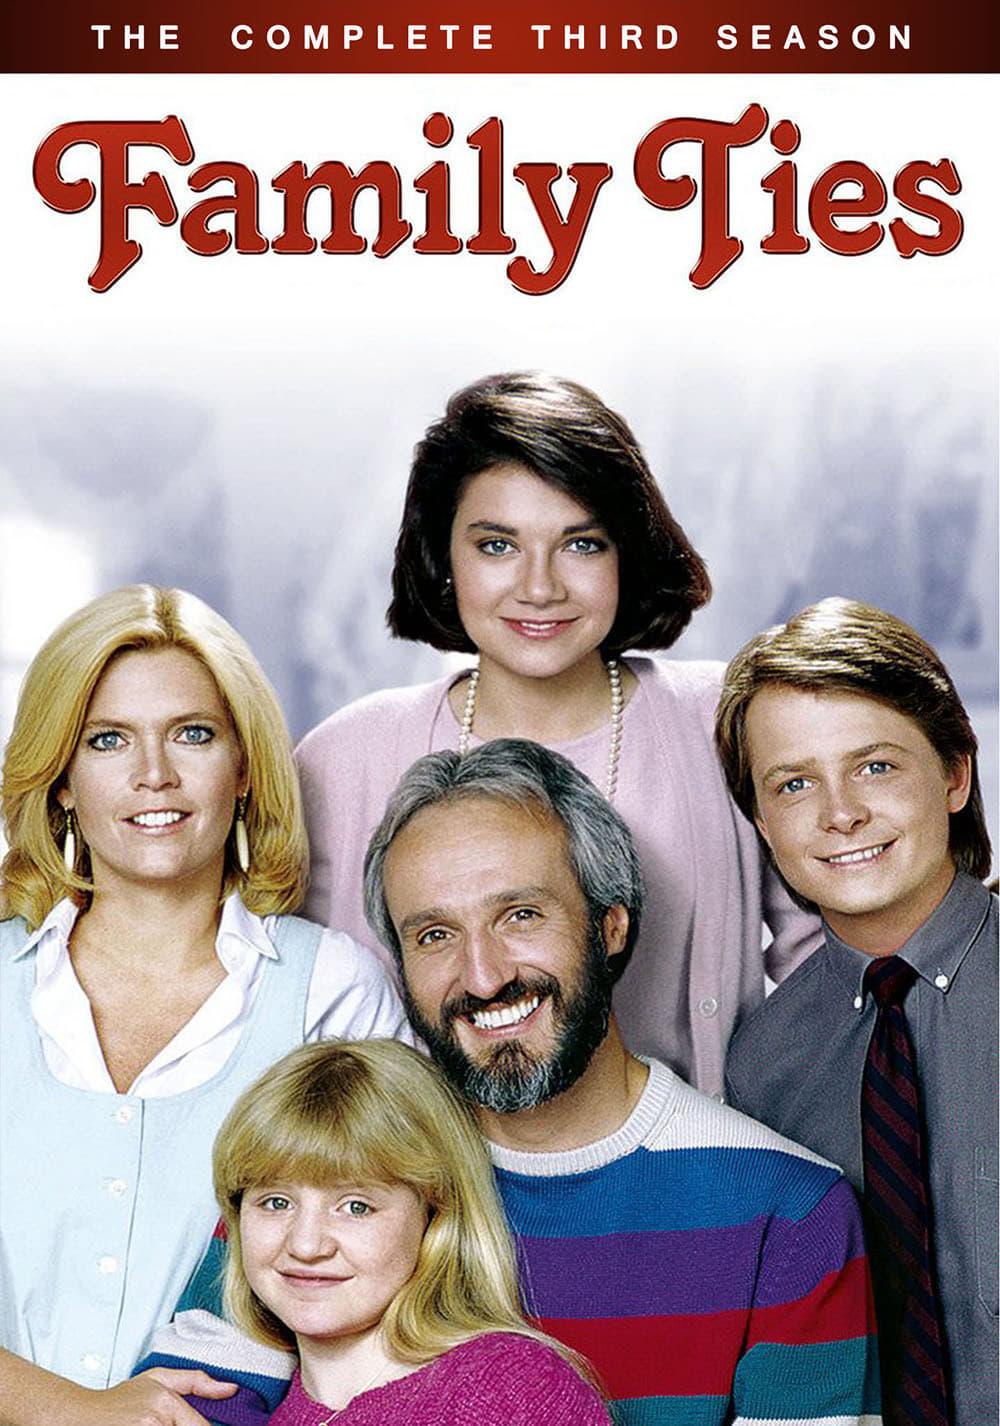 Family Ties Season 3